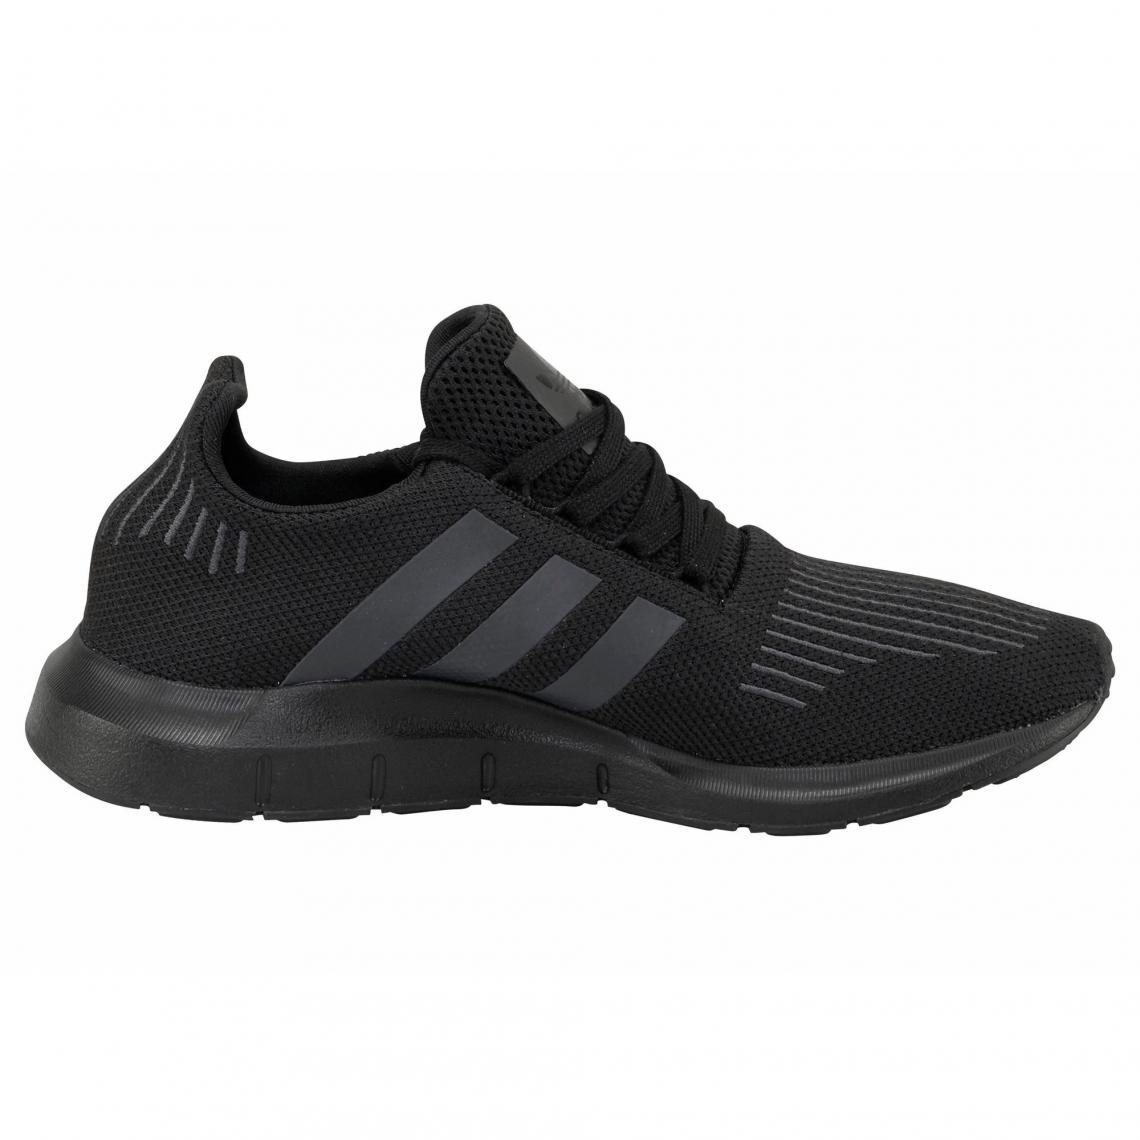 968147a723b3 adidas Originals Swift Run chaussures running homme - Noir